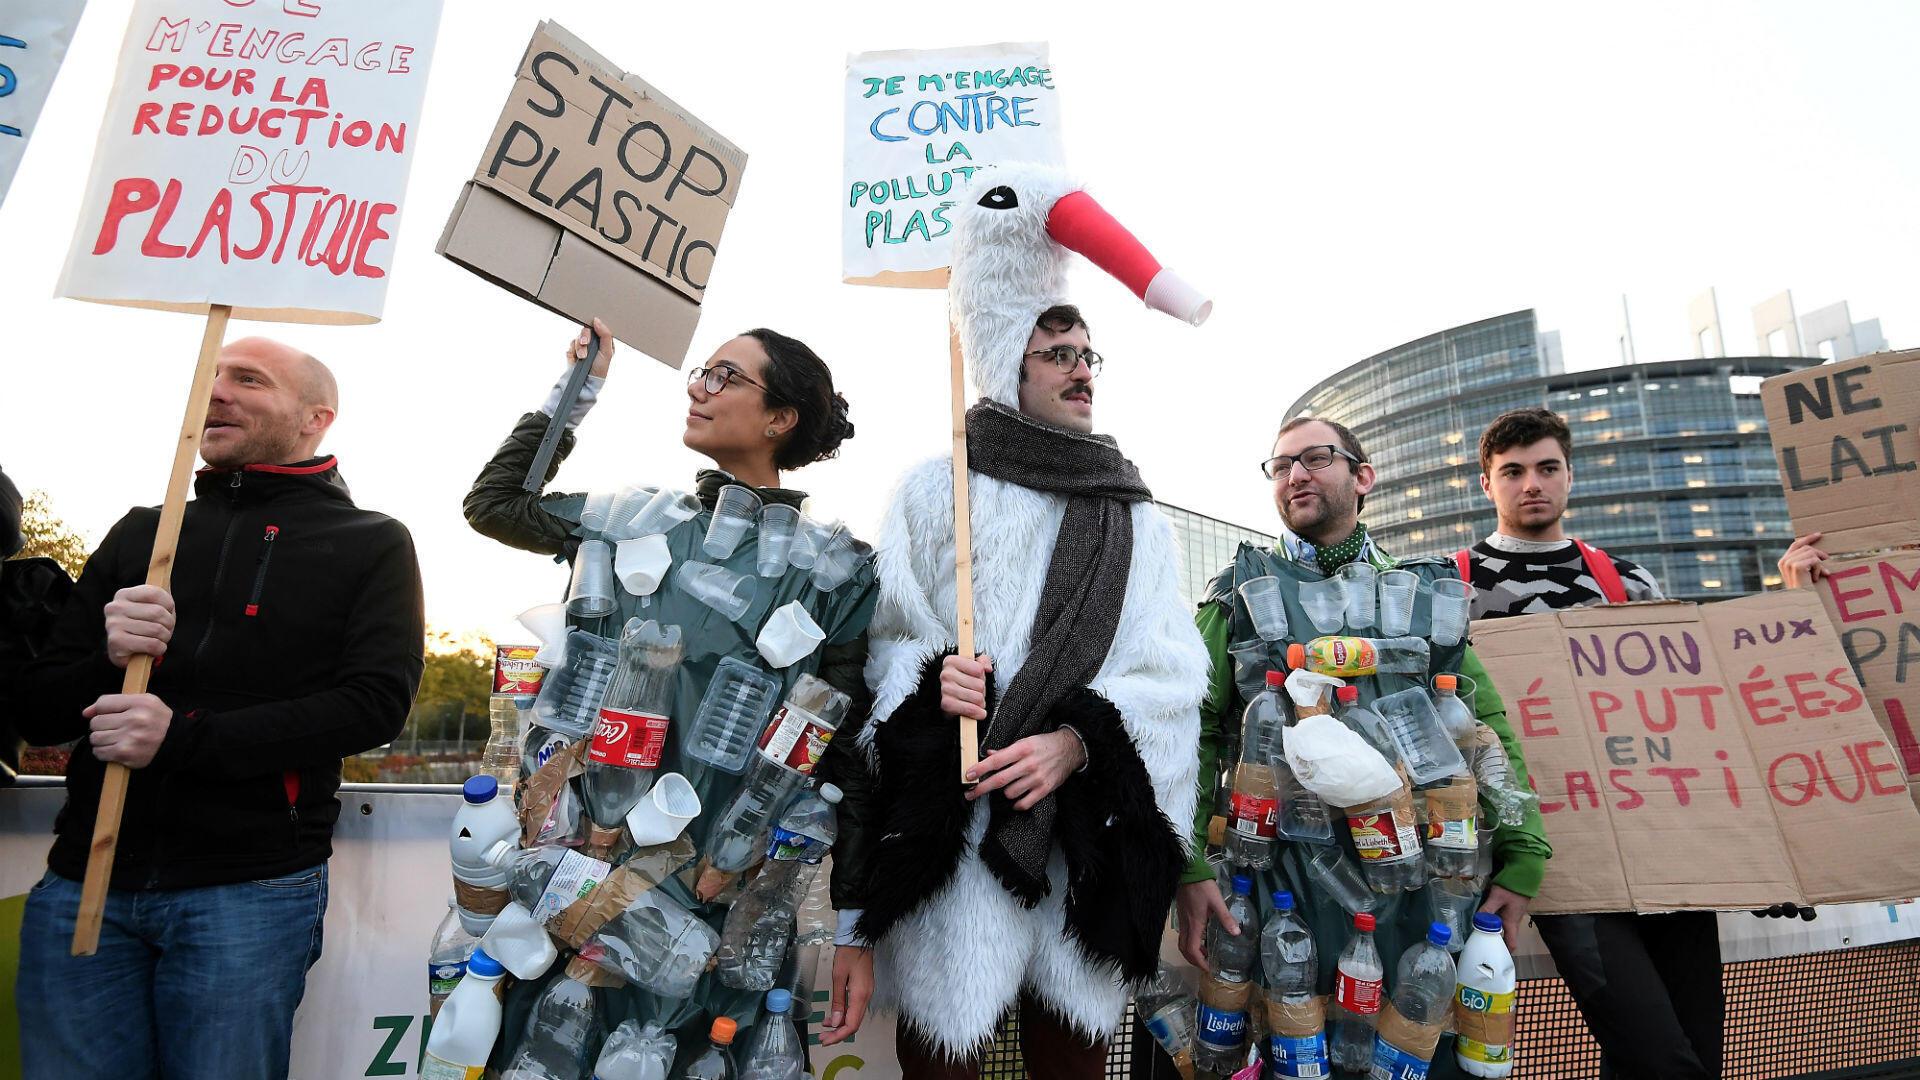 Varias personas protestan frente al Parlamento Europeo en Estrasburgo, Francia, ante la votación para prohibir los plásticos de un solo uso, el 23 de octubre de 2018.